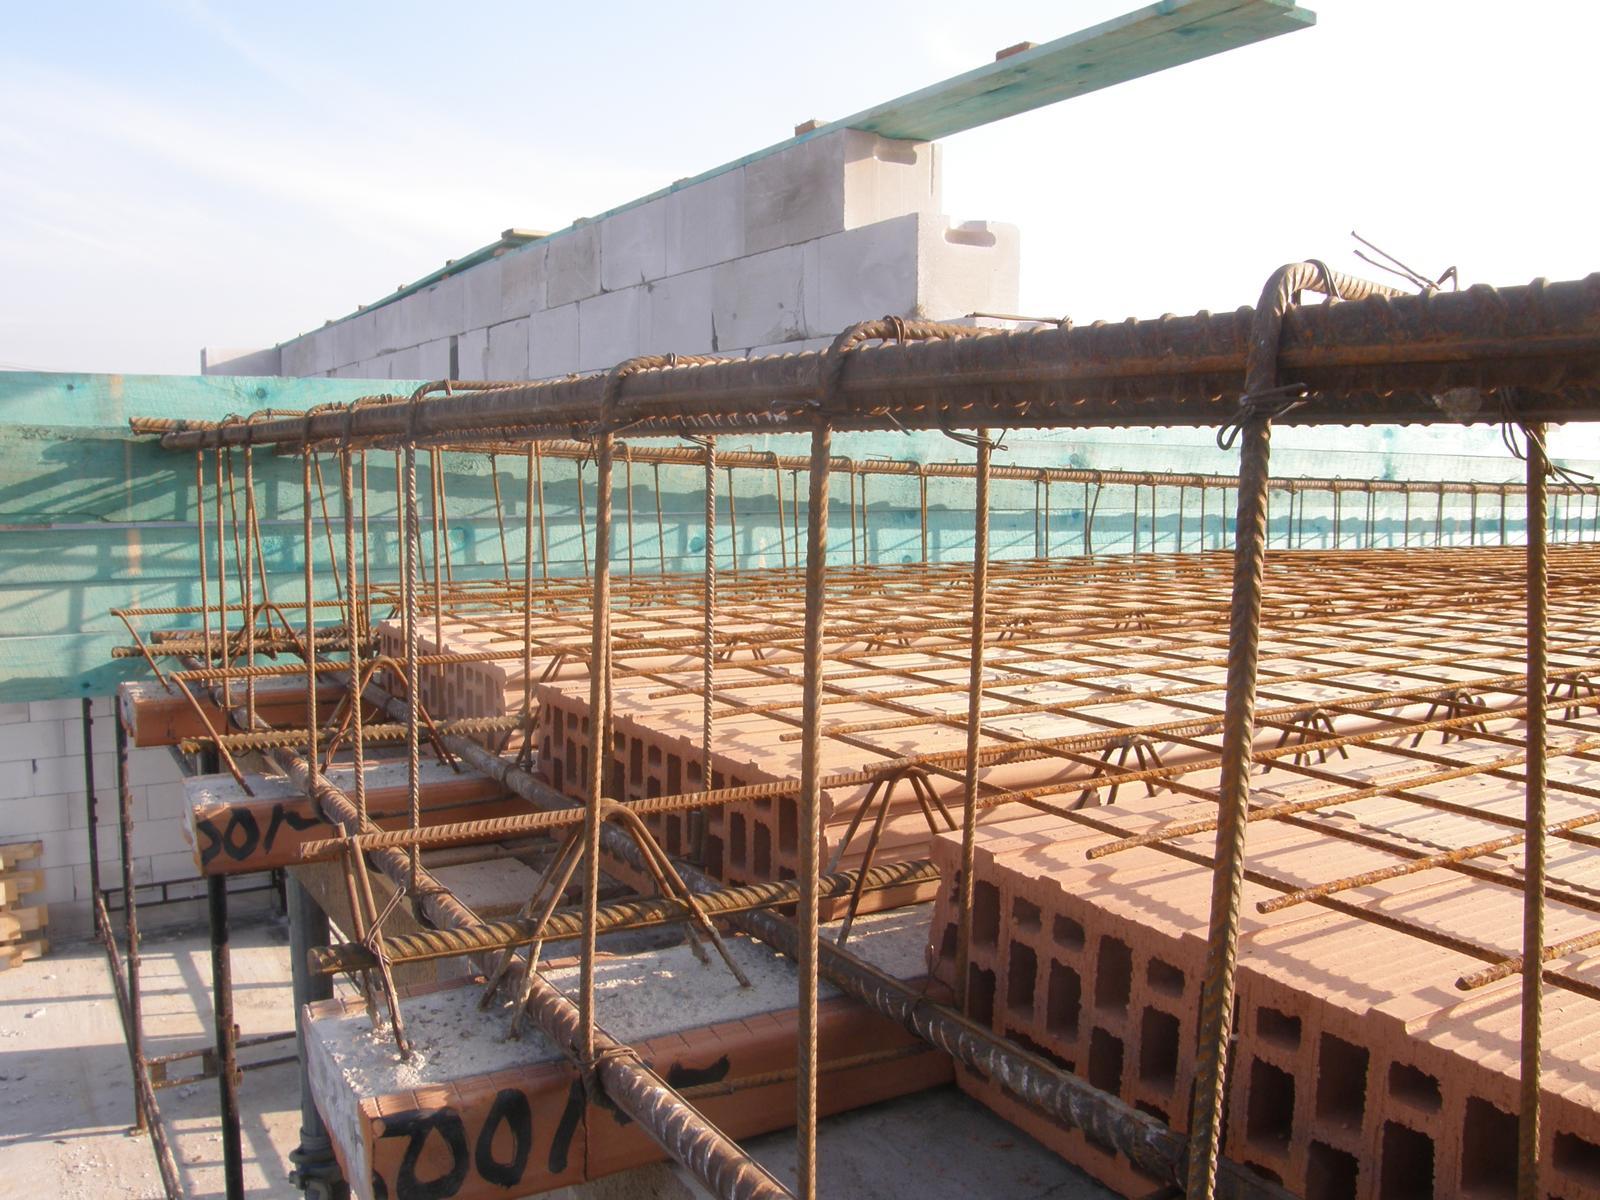 Bungalov 1477 od Euroline - 28.11.2015 Příprava na betonáž stropu a části věnce - bude to monolit.